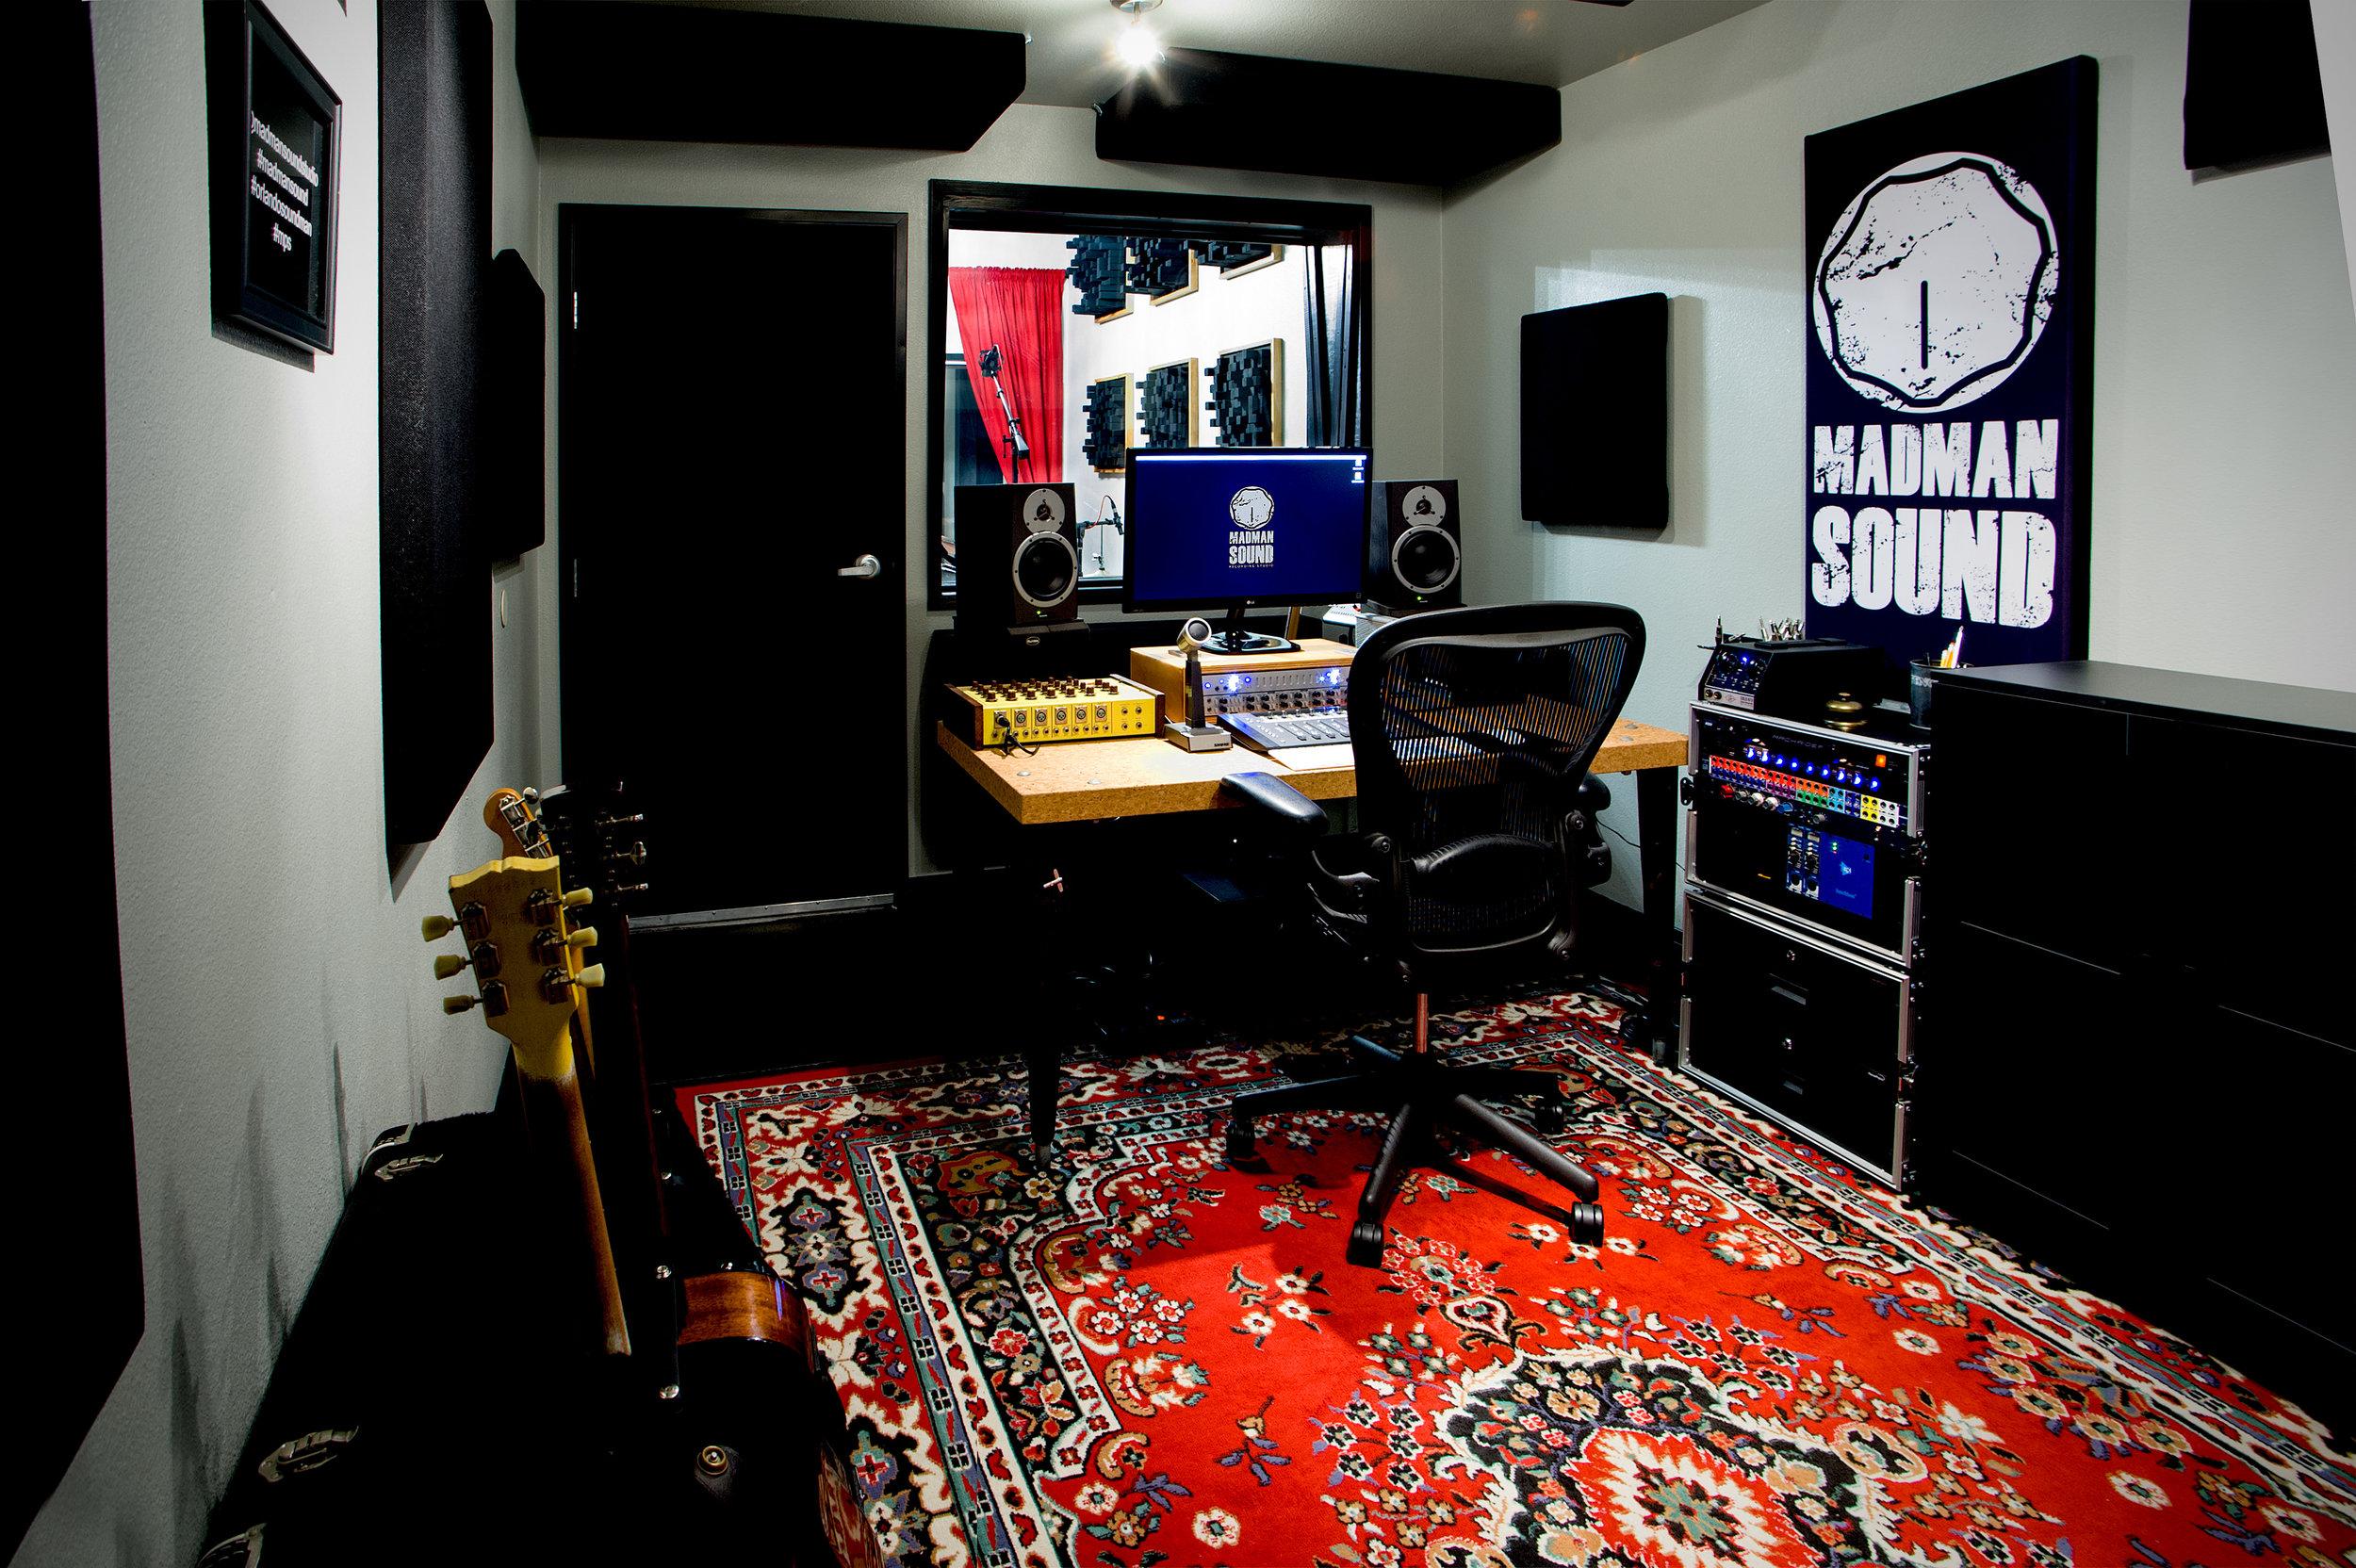 Madman Sound 1.jpg